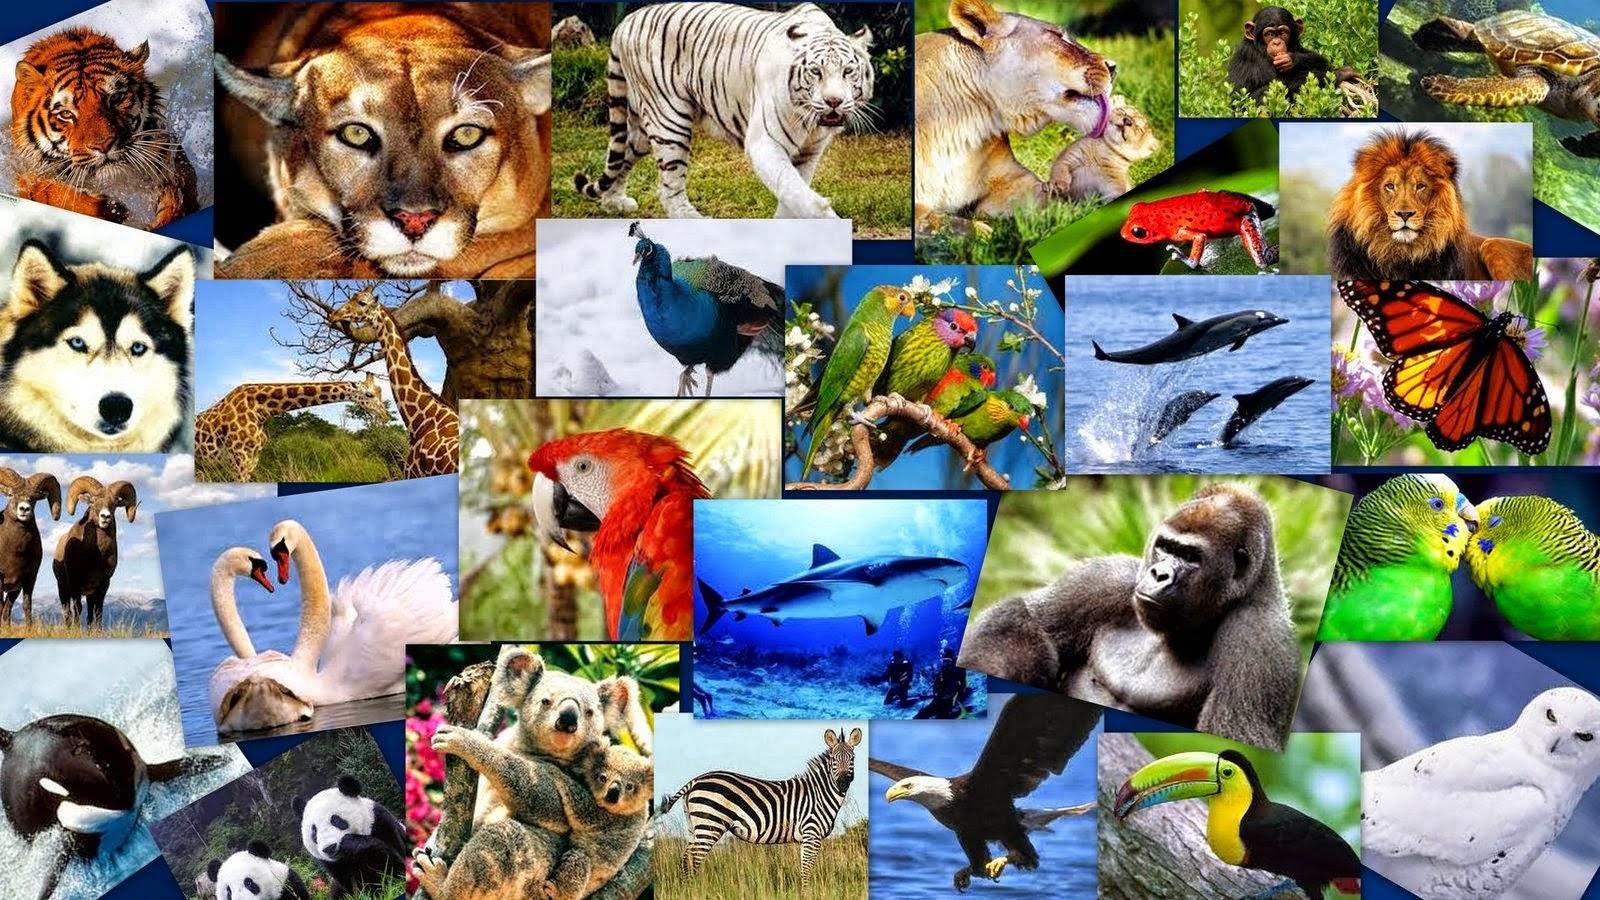 Animales en peligro de extinción El Informador - imagenes de animales en peligro de extincion en el mundo